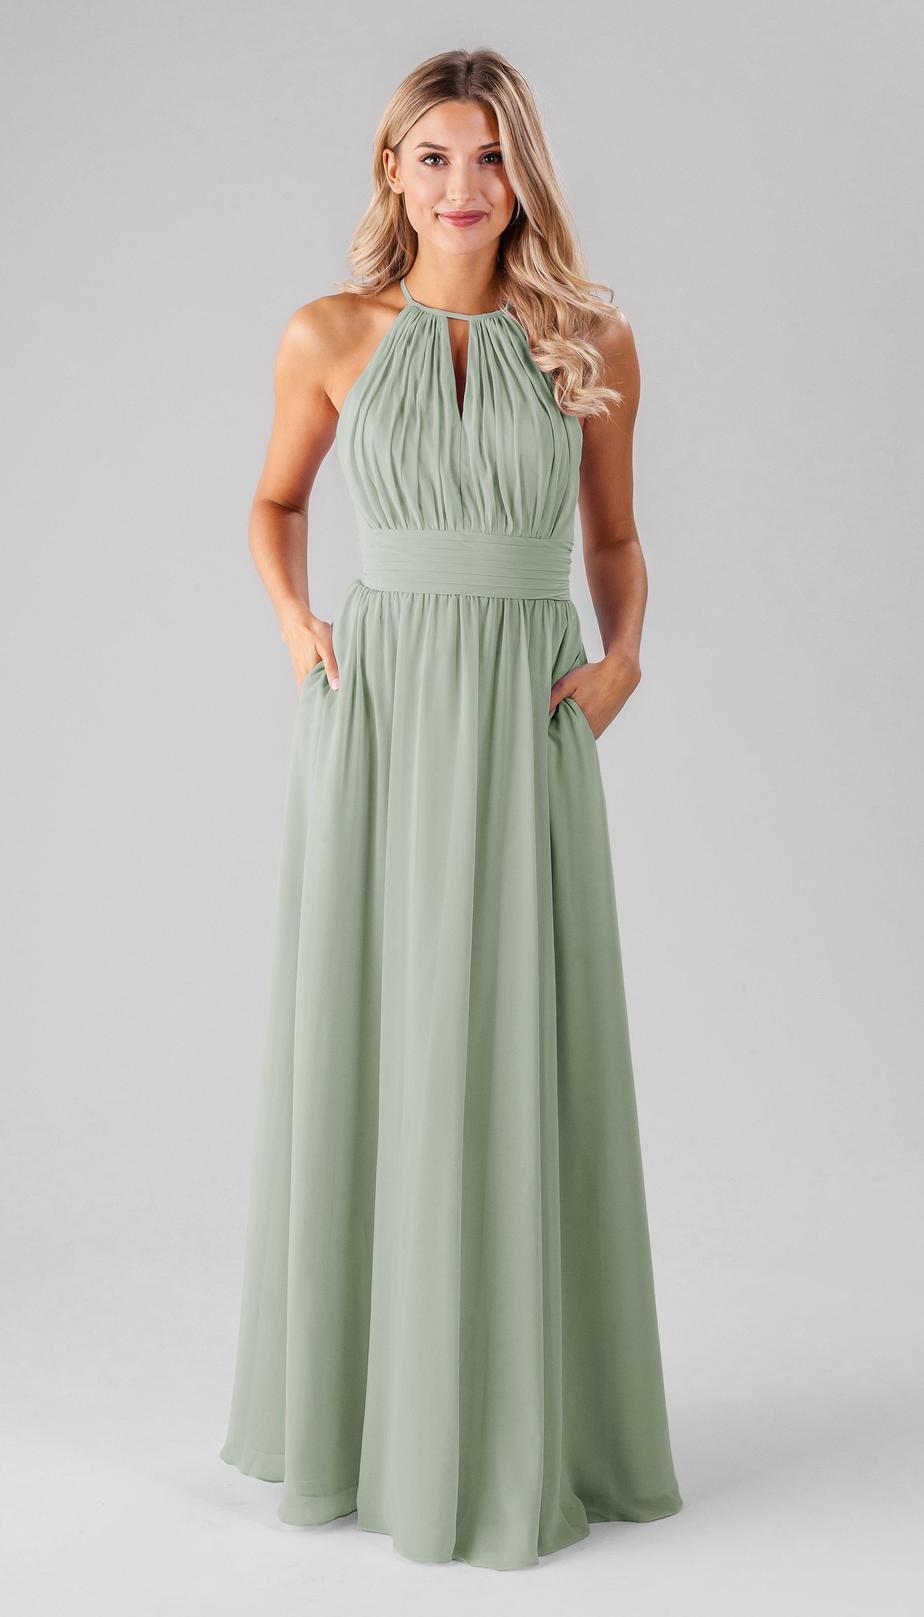 long sage green bridesmaid dress